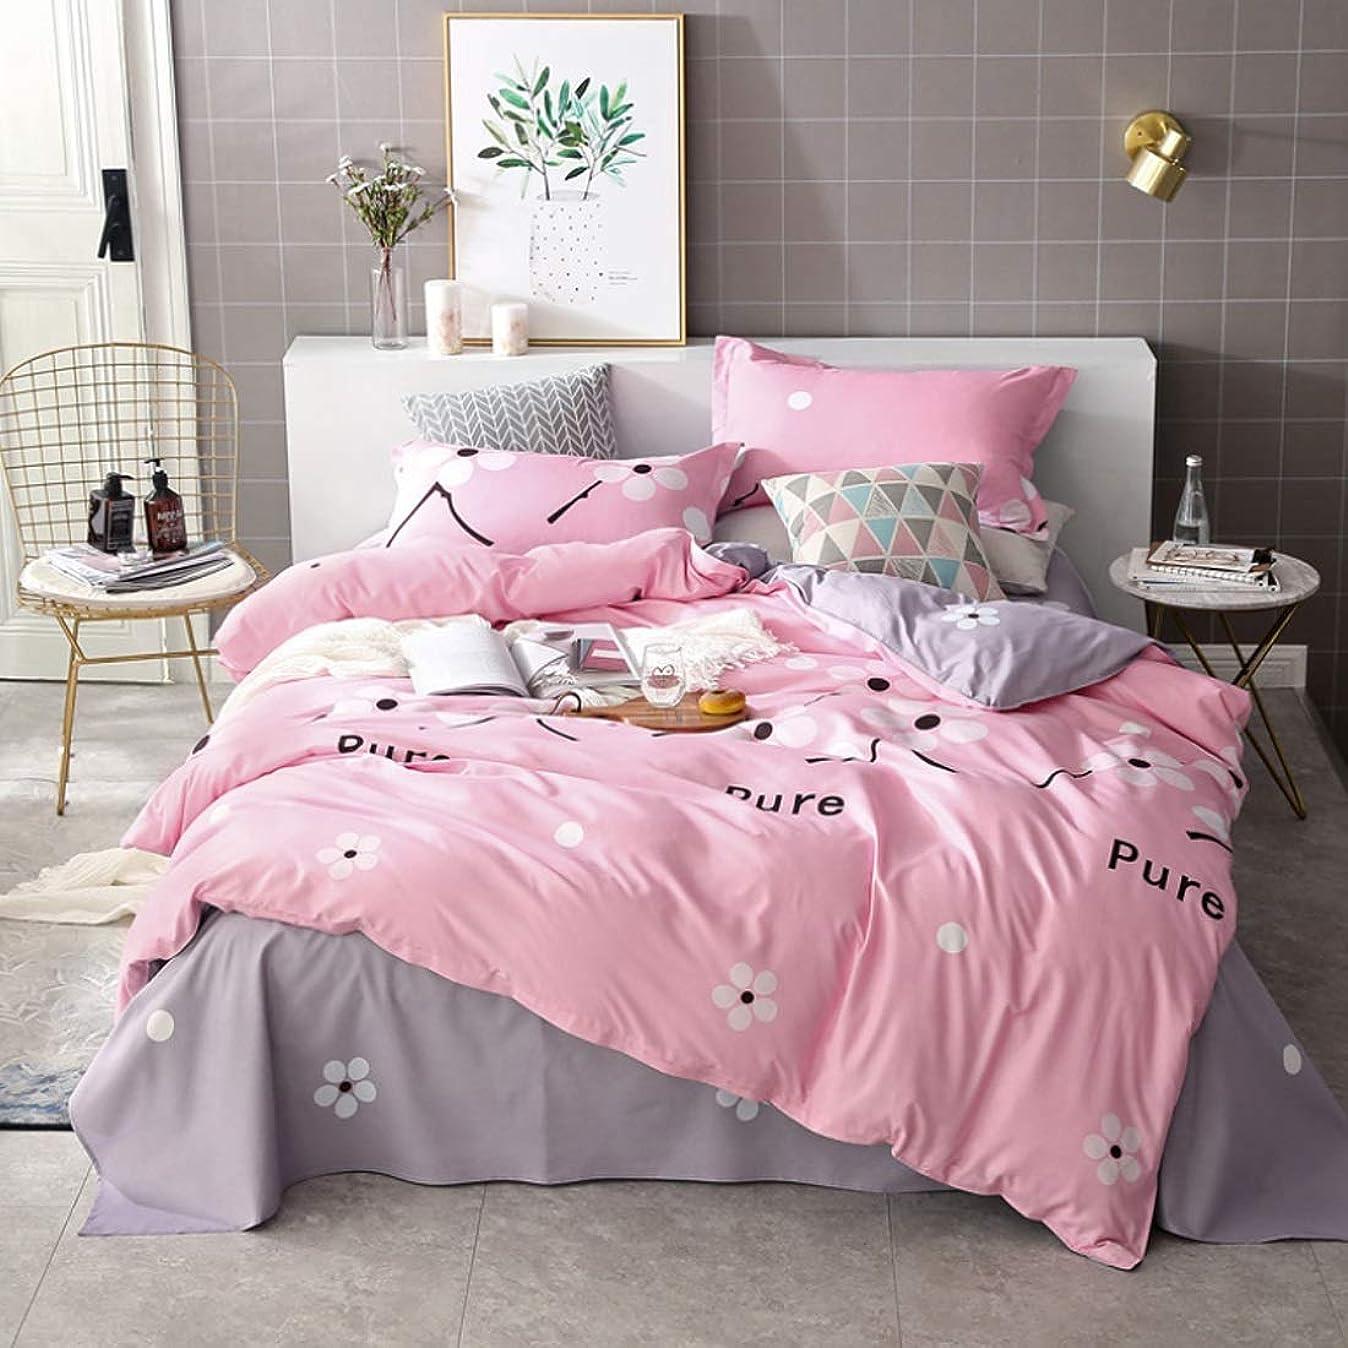 詳細に羊のゴルフYIYUTING 布団カバー4組のベッドの寝具のセット4つの綿の高品位高密度起毛ベッドリネン枕カバーホームインテリアに適した (色 : ピンク, サイズ : 150CM)